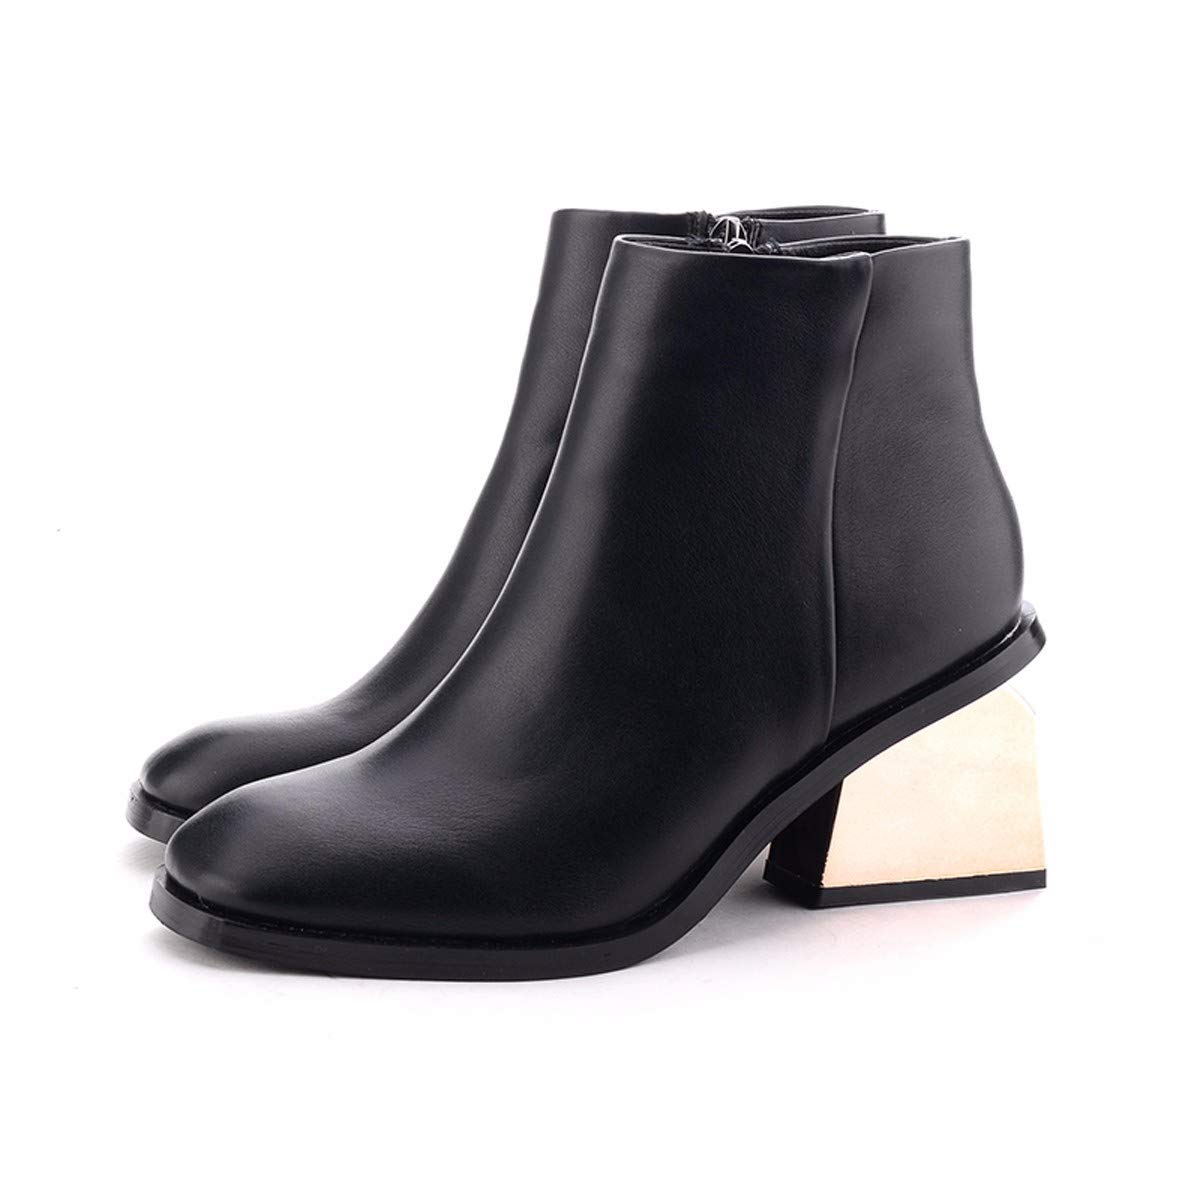 HBDLH Damenschuhe Kurze Stiefel Mit Hohen 7Cm Square Kopf Schwarze Martin Stiefeln Dicken Absätzen Stiefel Und Ohne Stiefel.